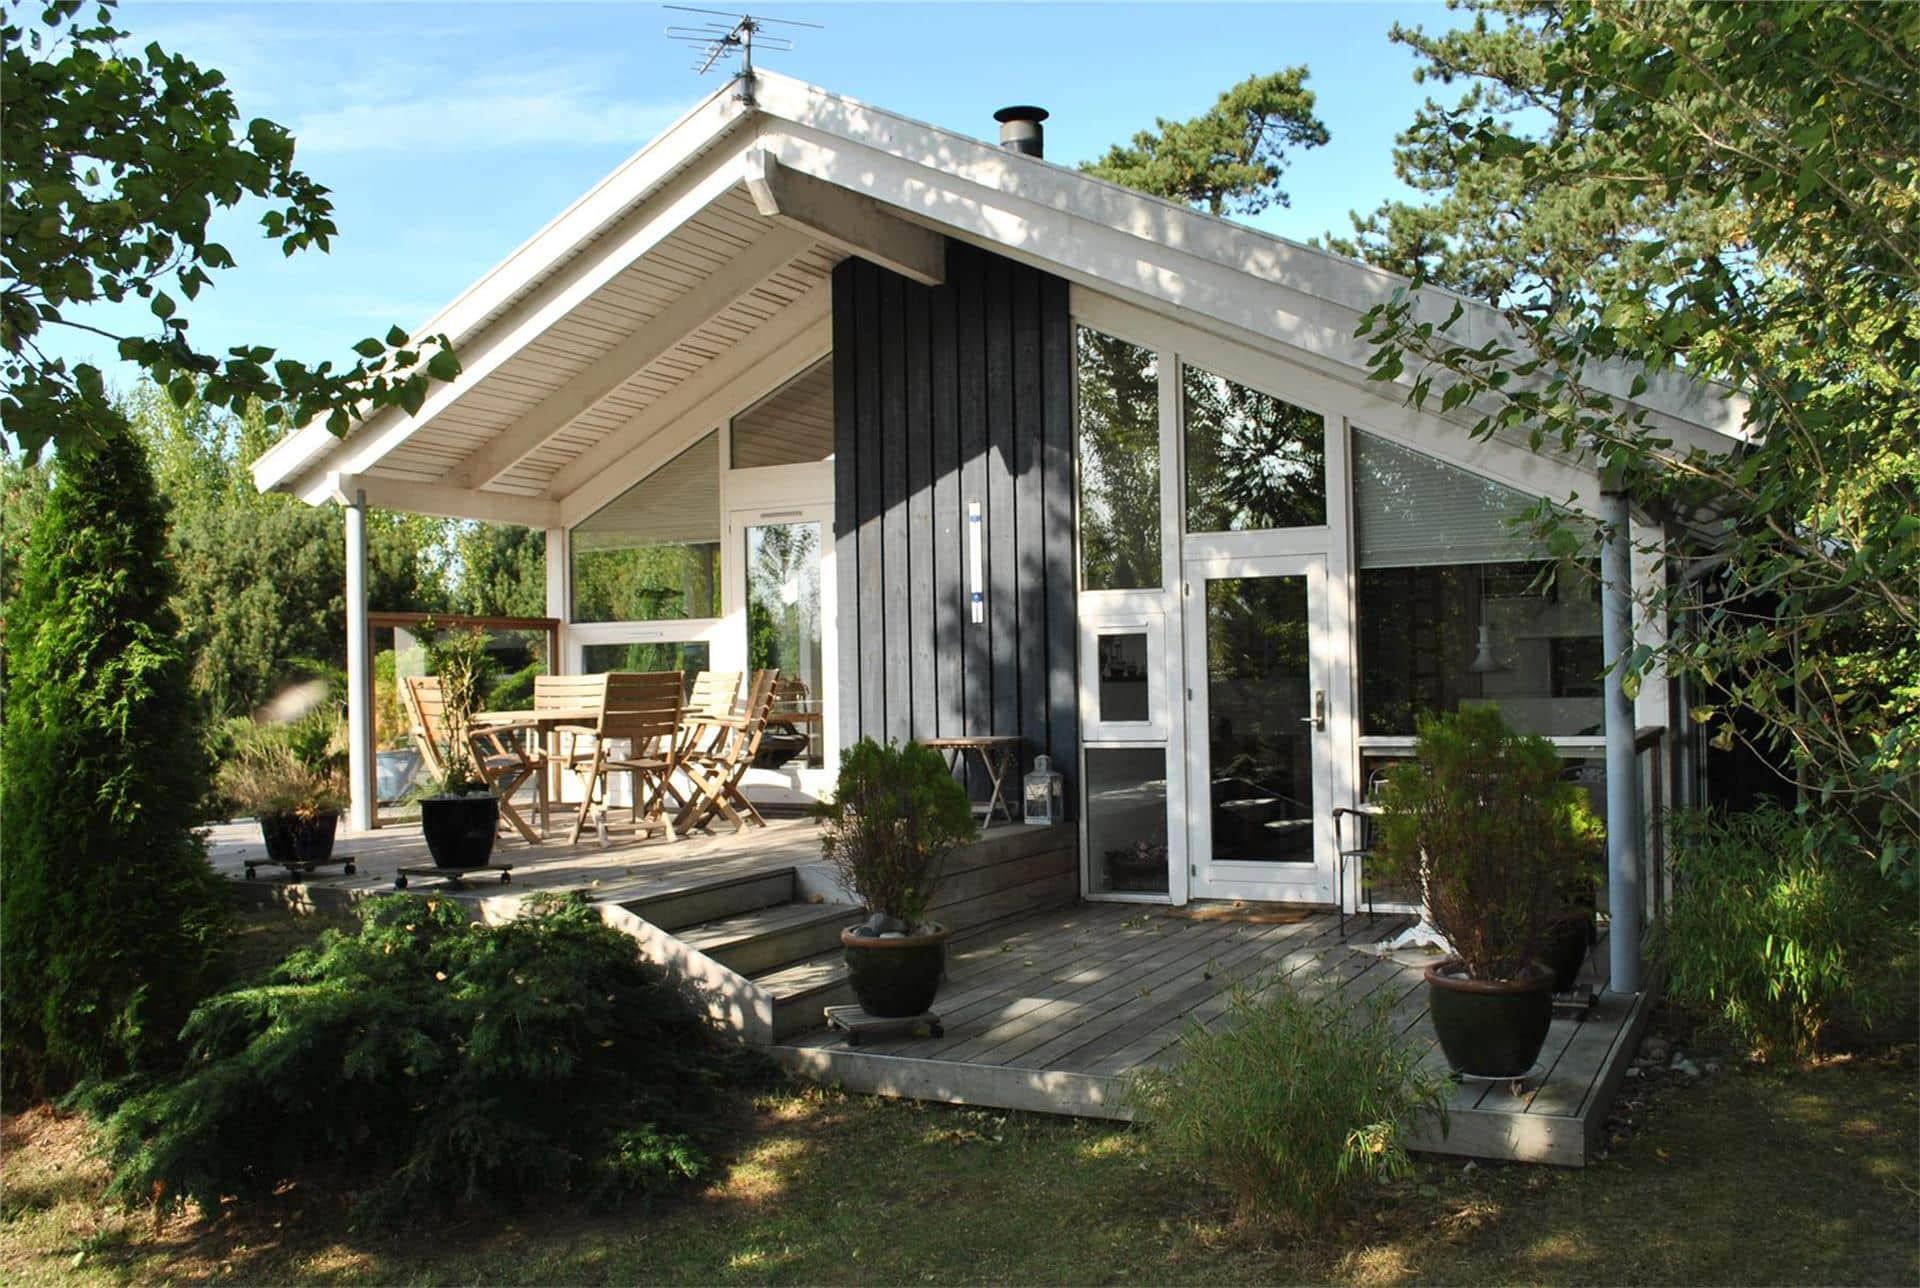 Billede 1-170 Sommerhus 20205, Anemonevej 5, DK - 8305 Samsø